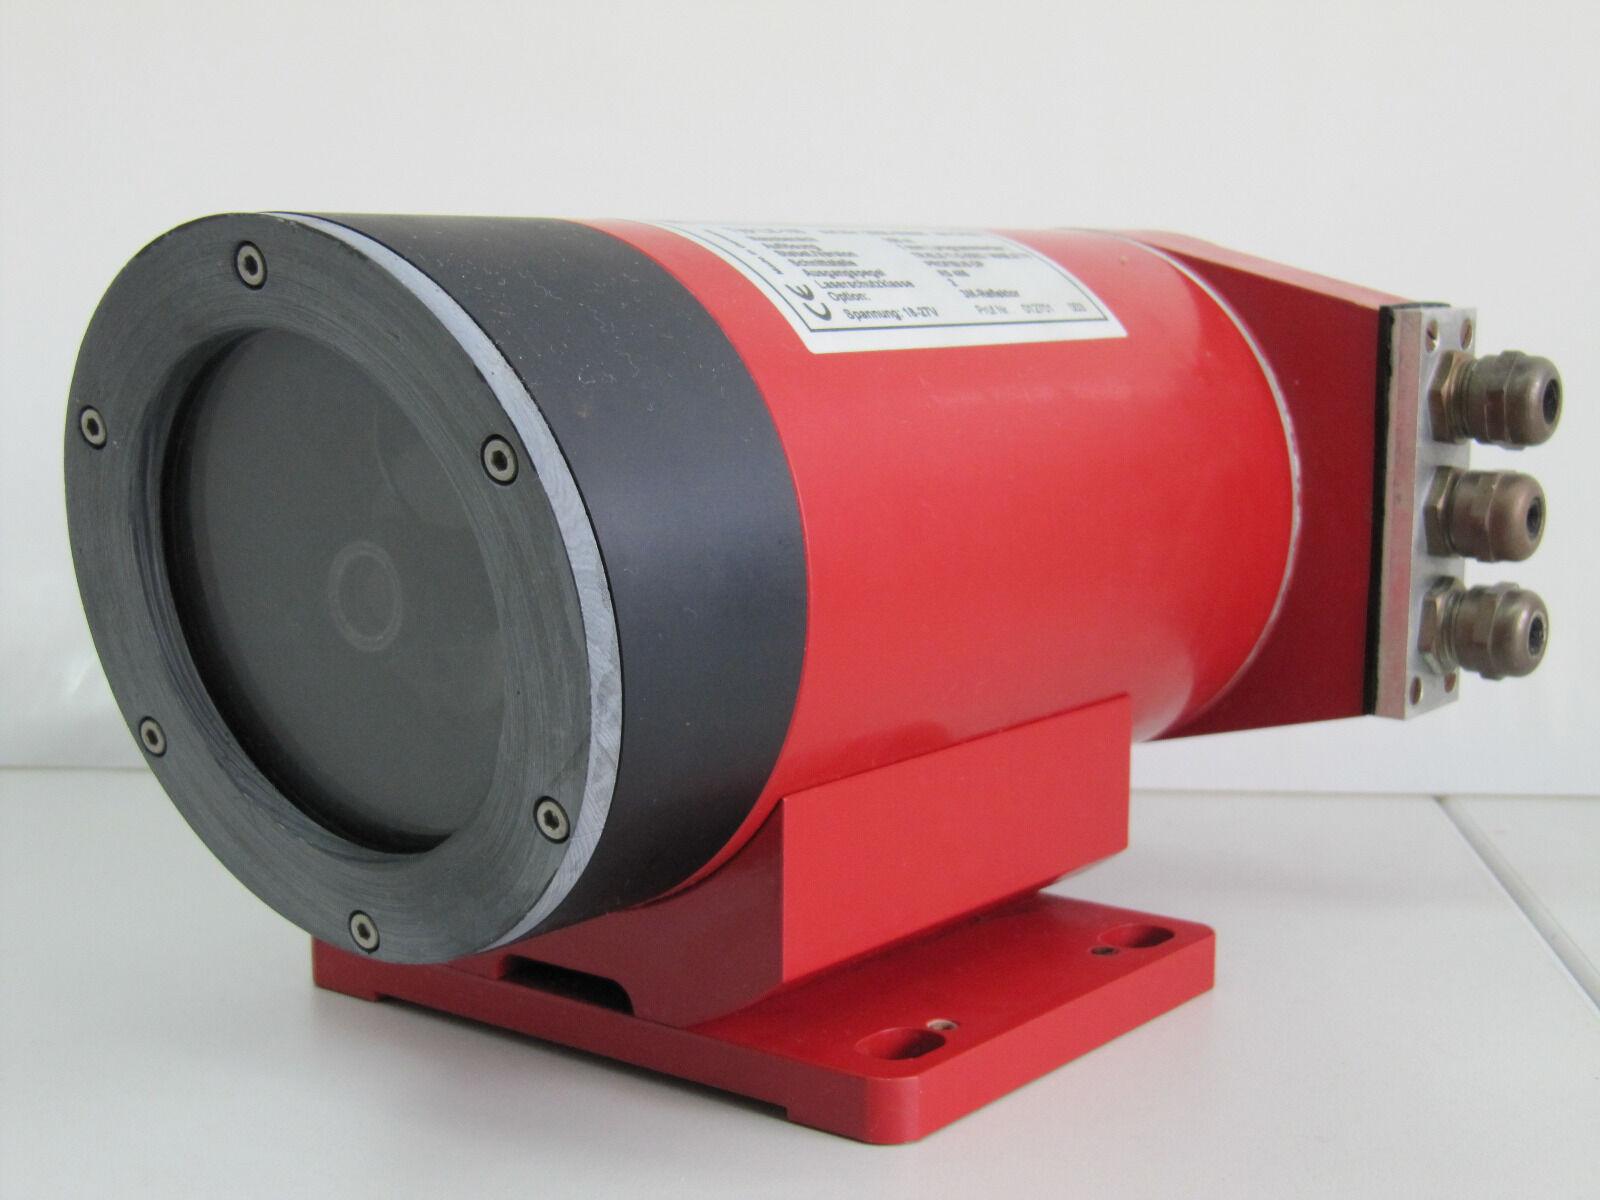 Profi Laser Messgerät, auf 100 Meter genau, Entfernungslaser sehr exakt